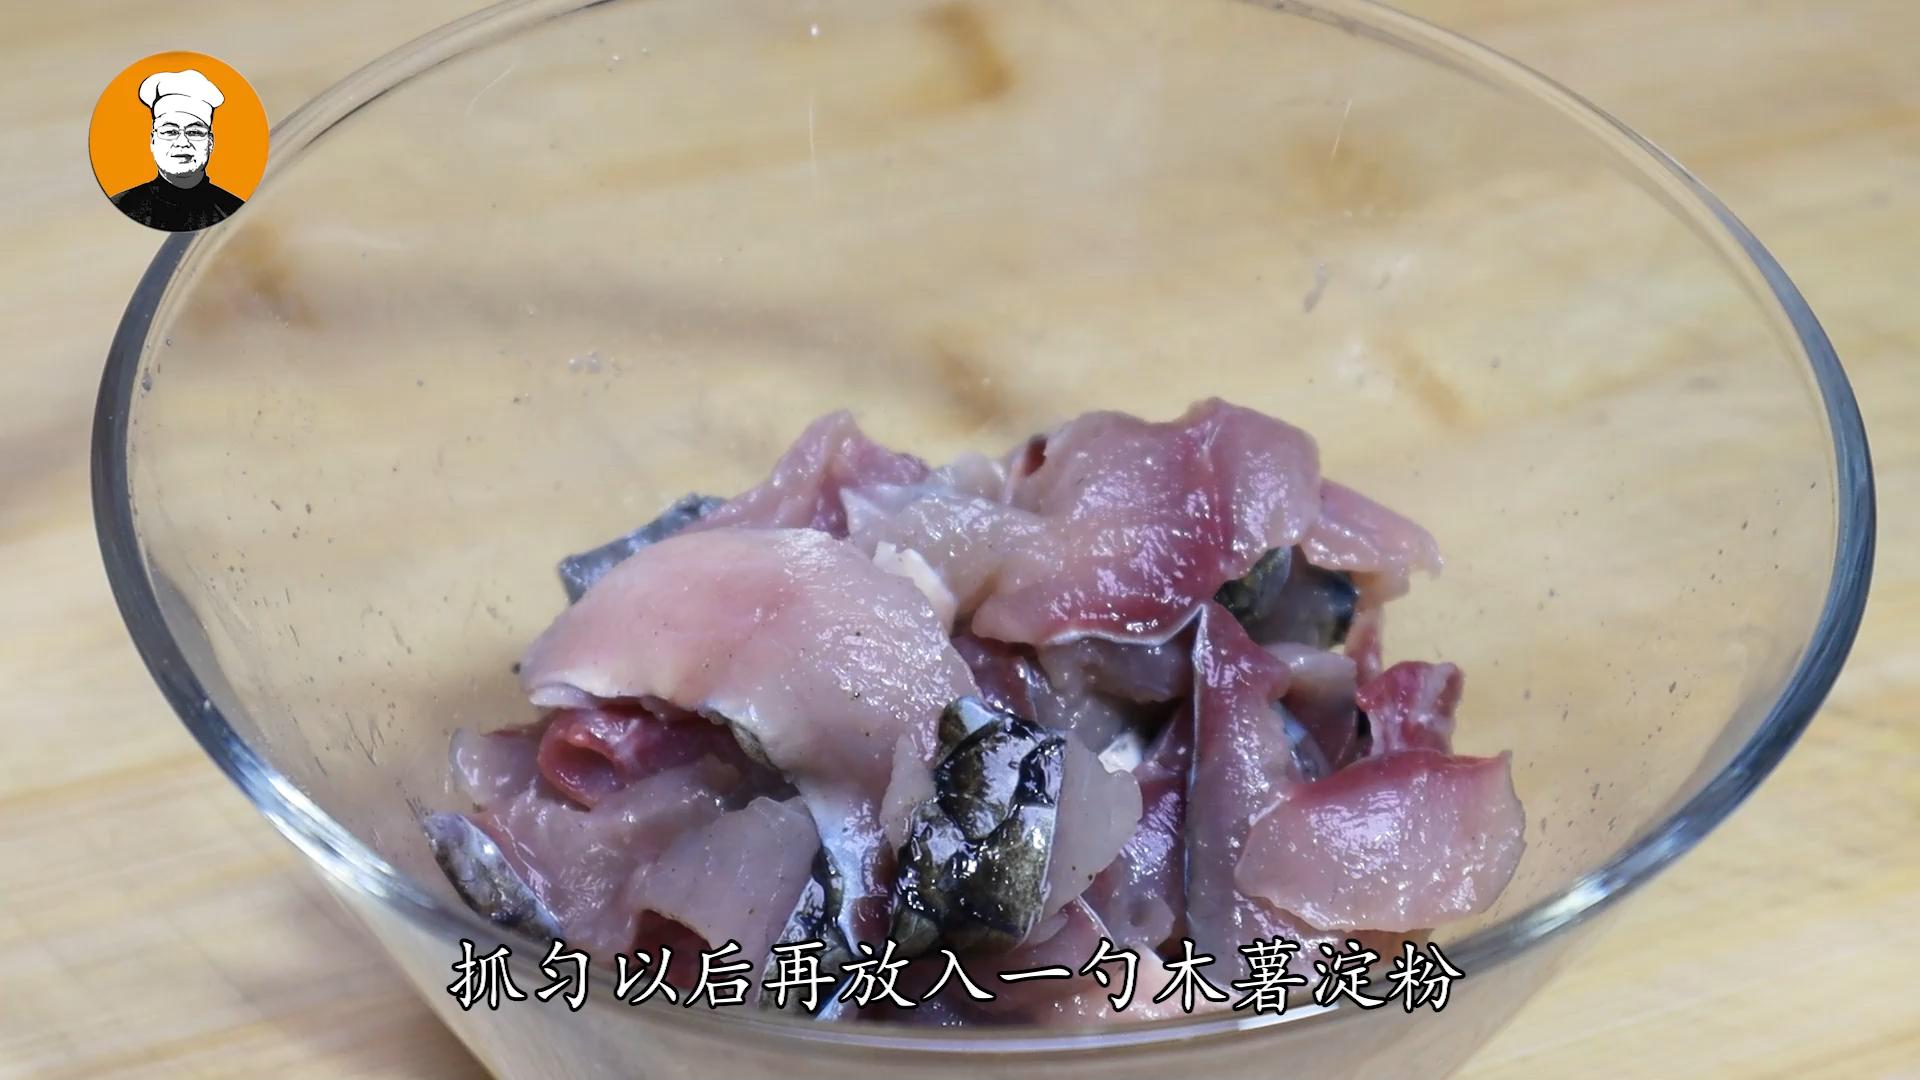 鯽魚去刺這麼簡單,老師傅的獨門絕技,3分鐘去除,吃魚更安全